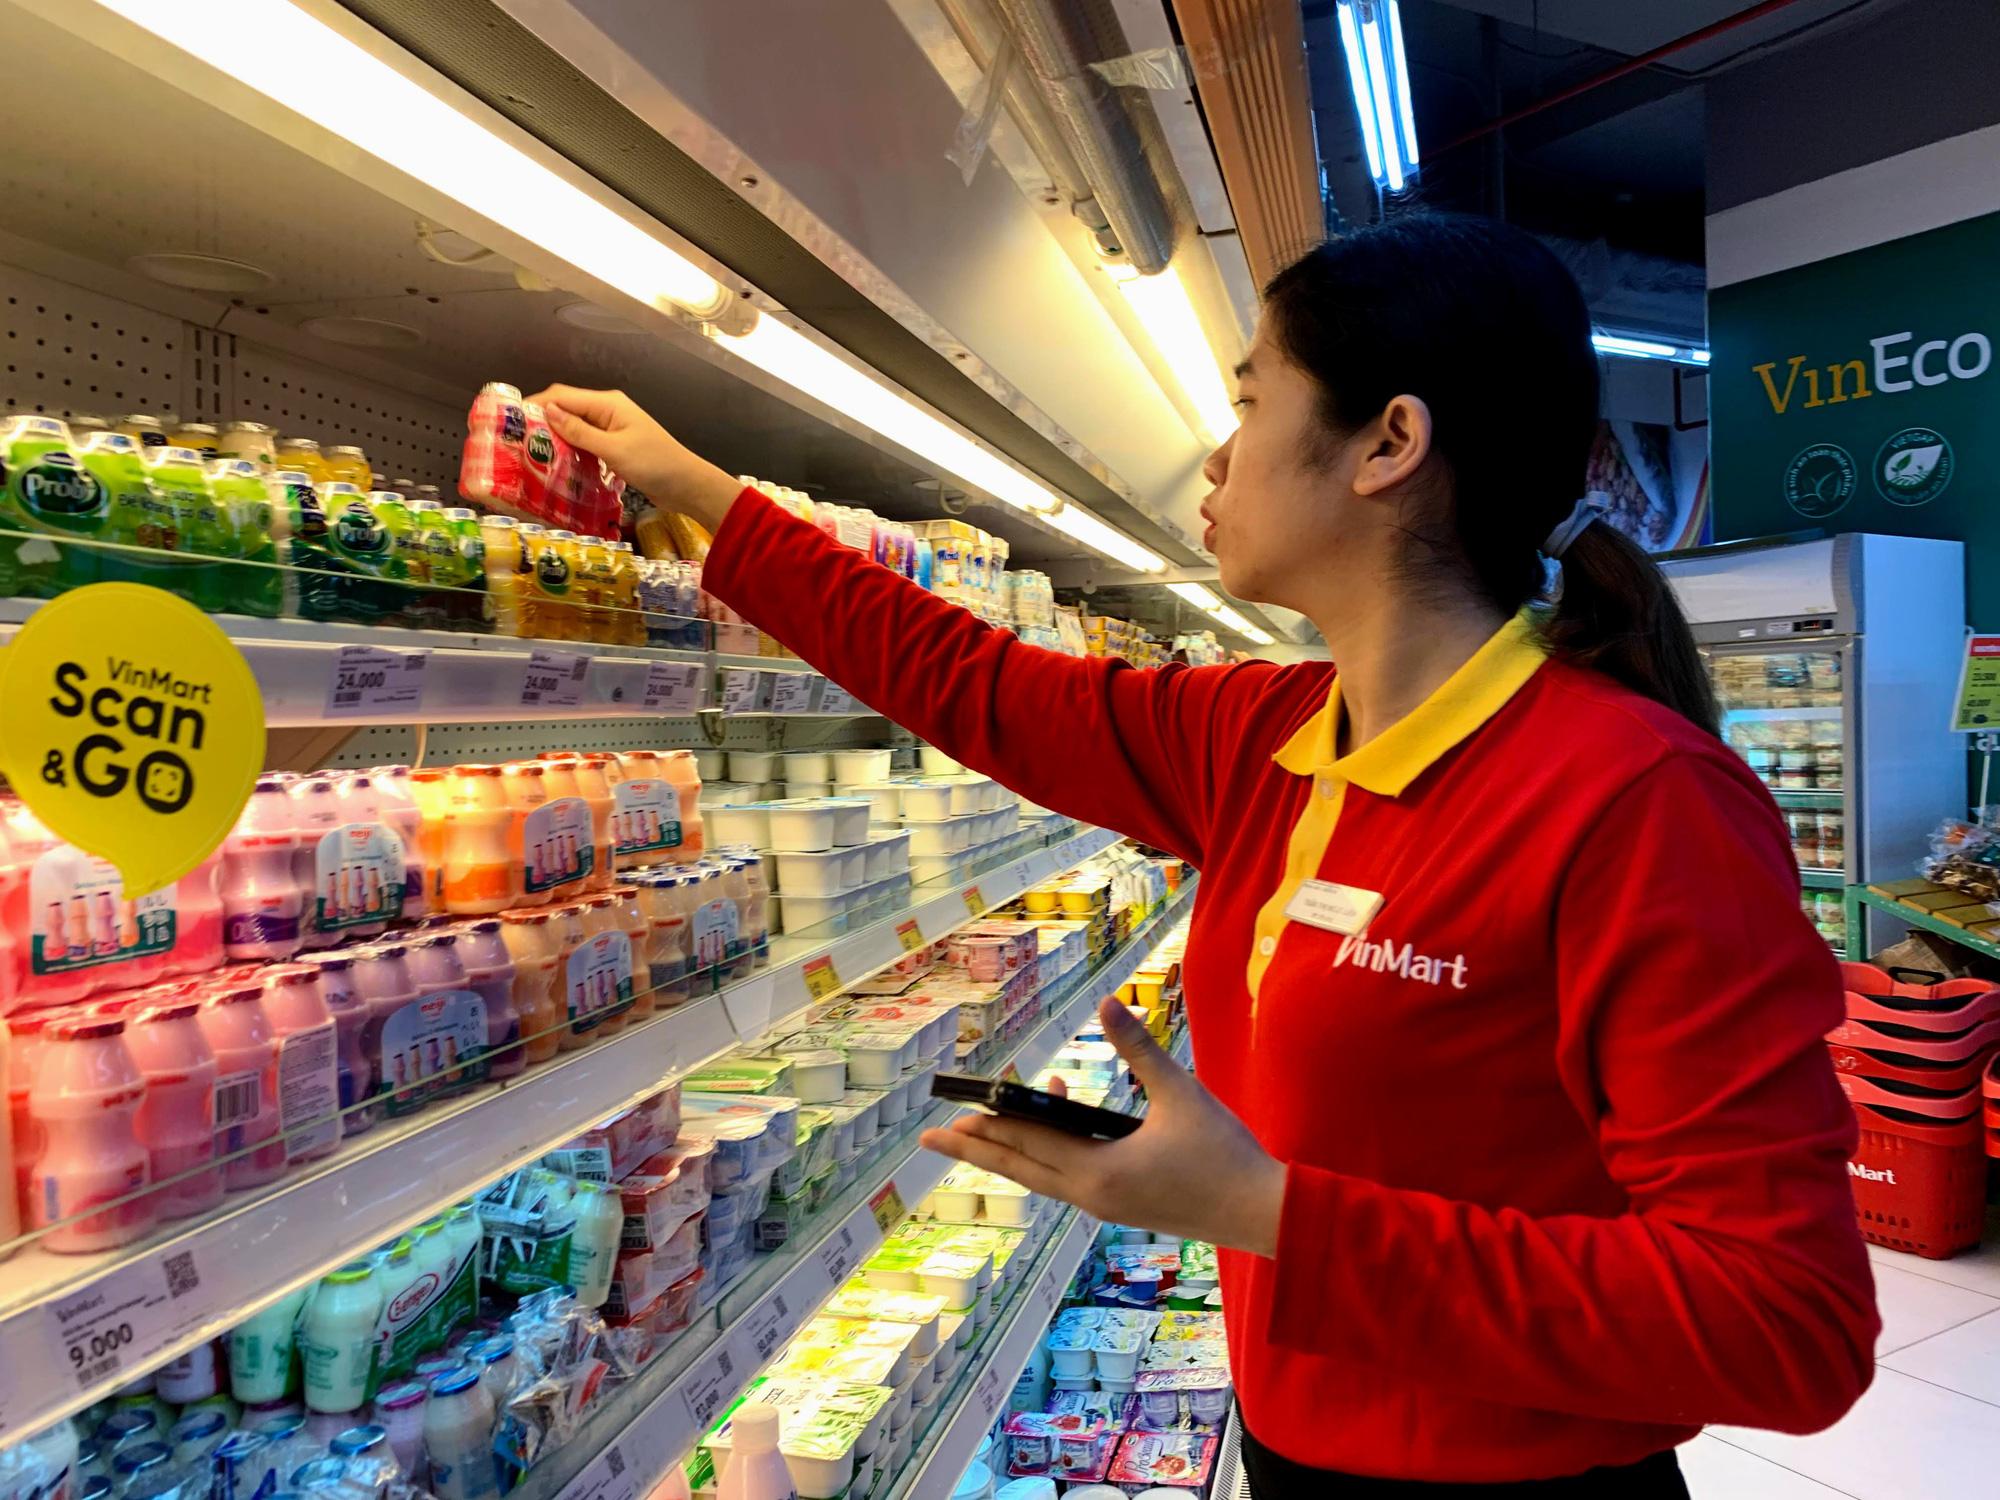 Hàng hoá trở lại đầy ắp trong siêu thị, người dân thảnh thơi mua sắm - Ảnh 6.